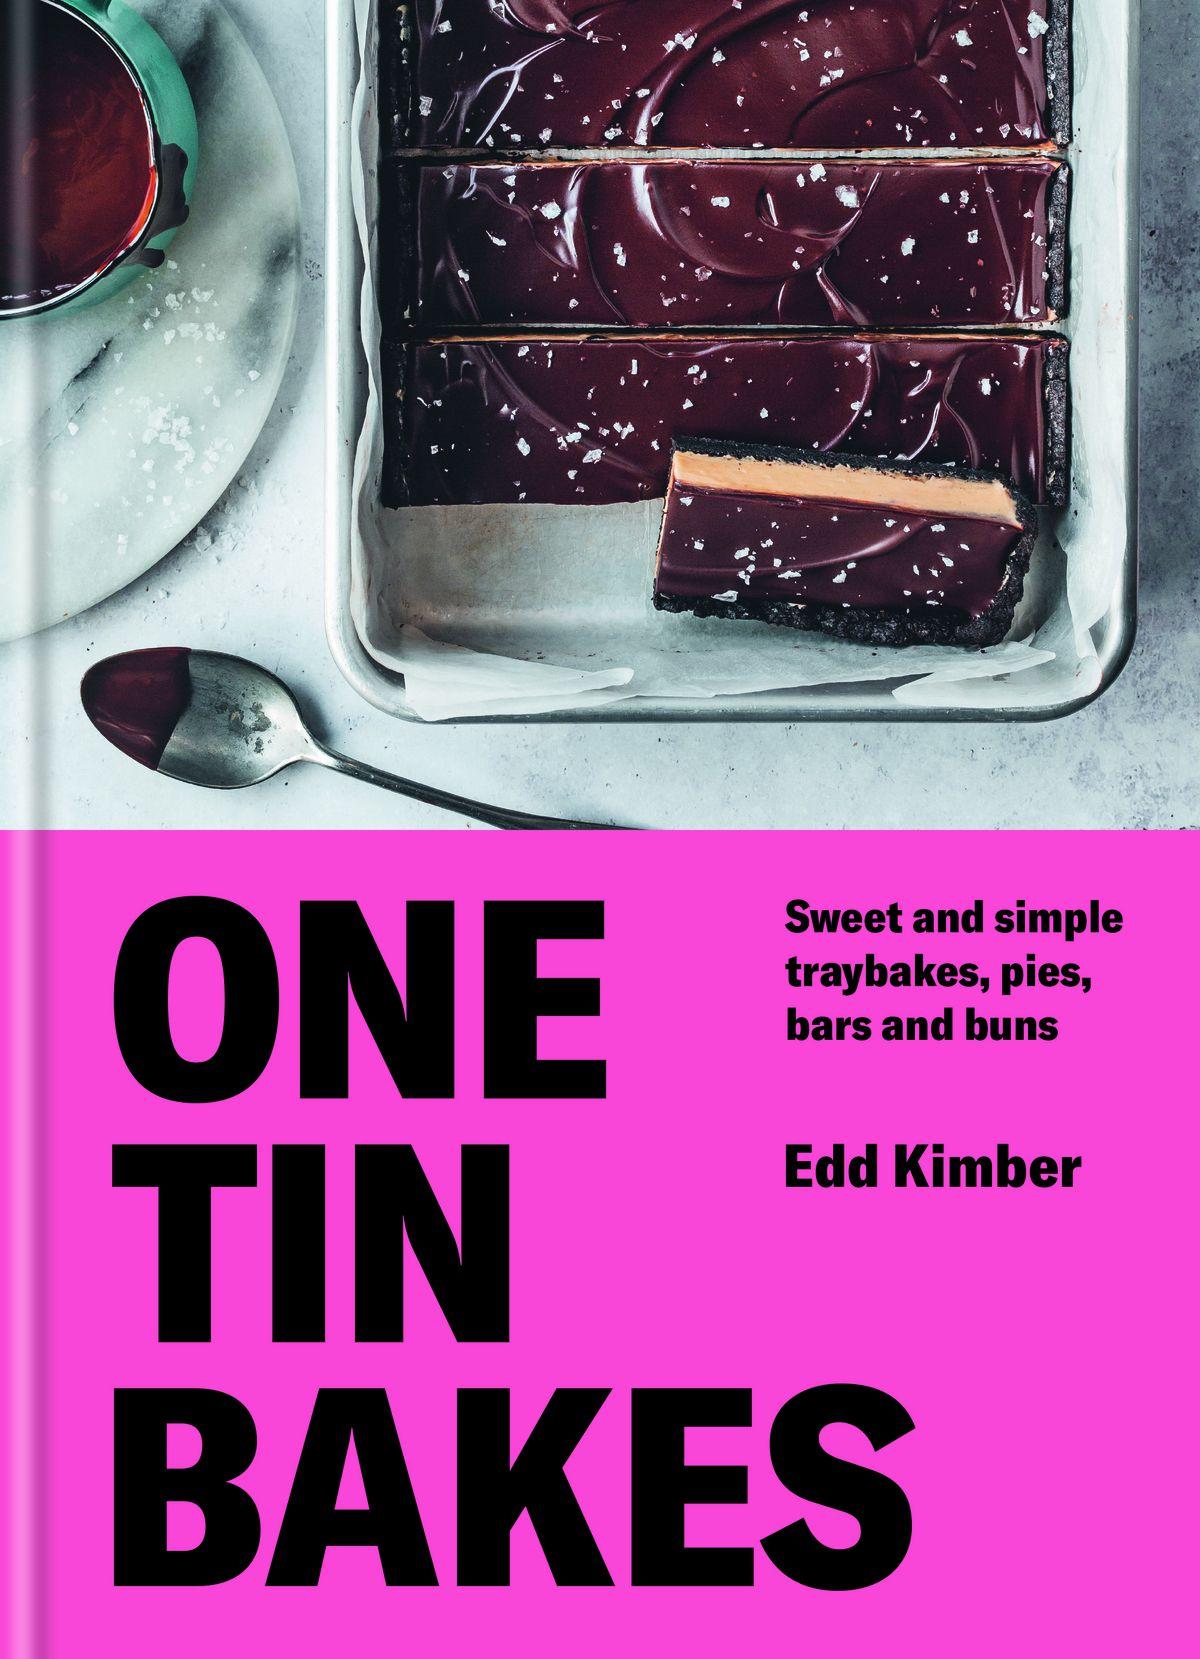 Couverture de livre One Tin Bakes avec un plateau de chocolat